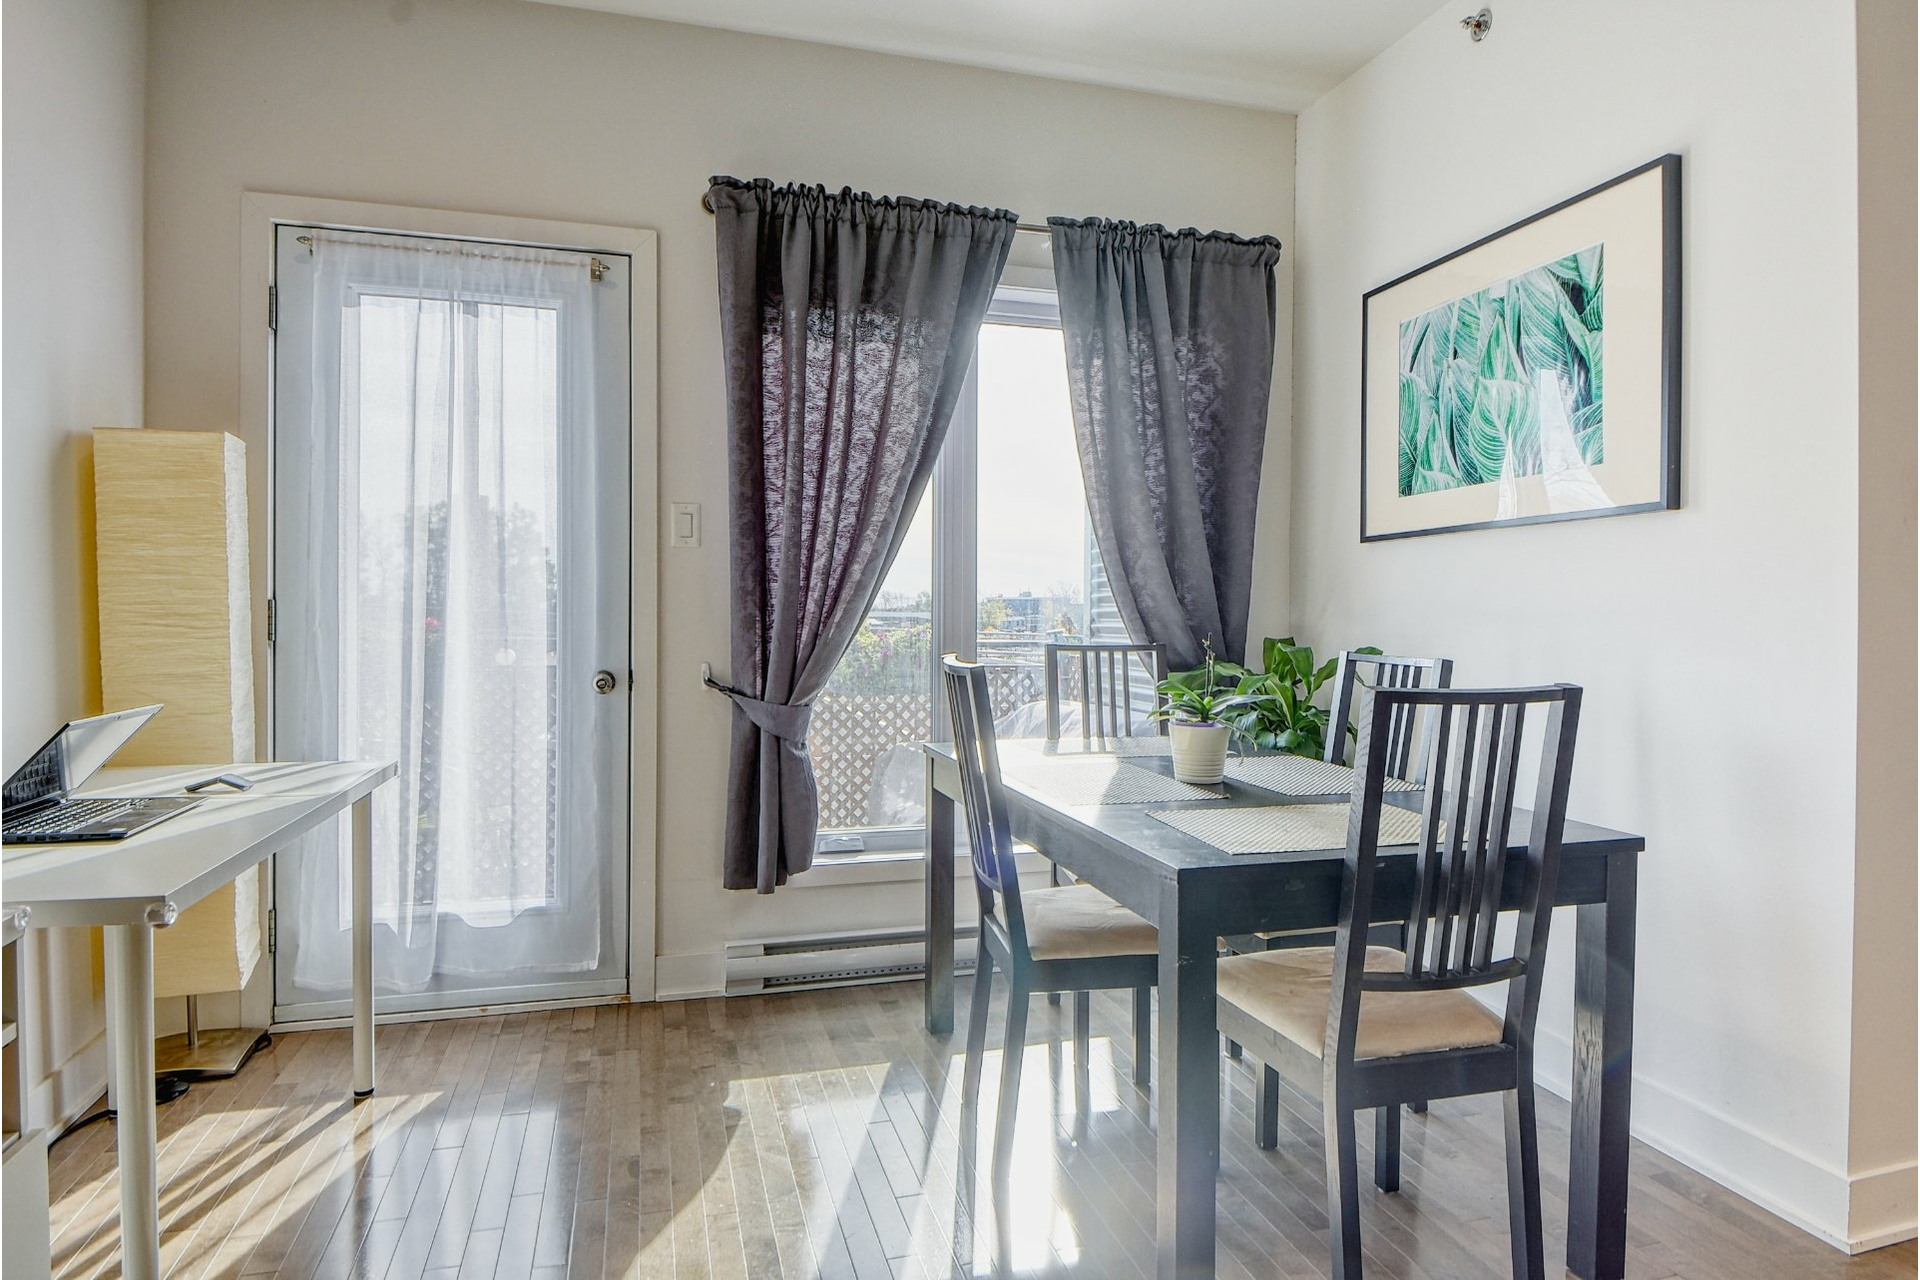 image 4 - Appartement À vendre Le Sud-Ouest Montréal  - 8 pièces